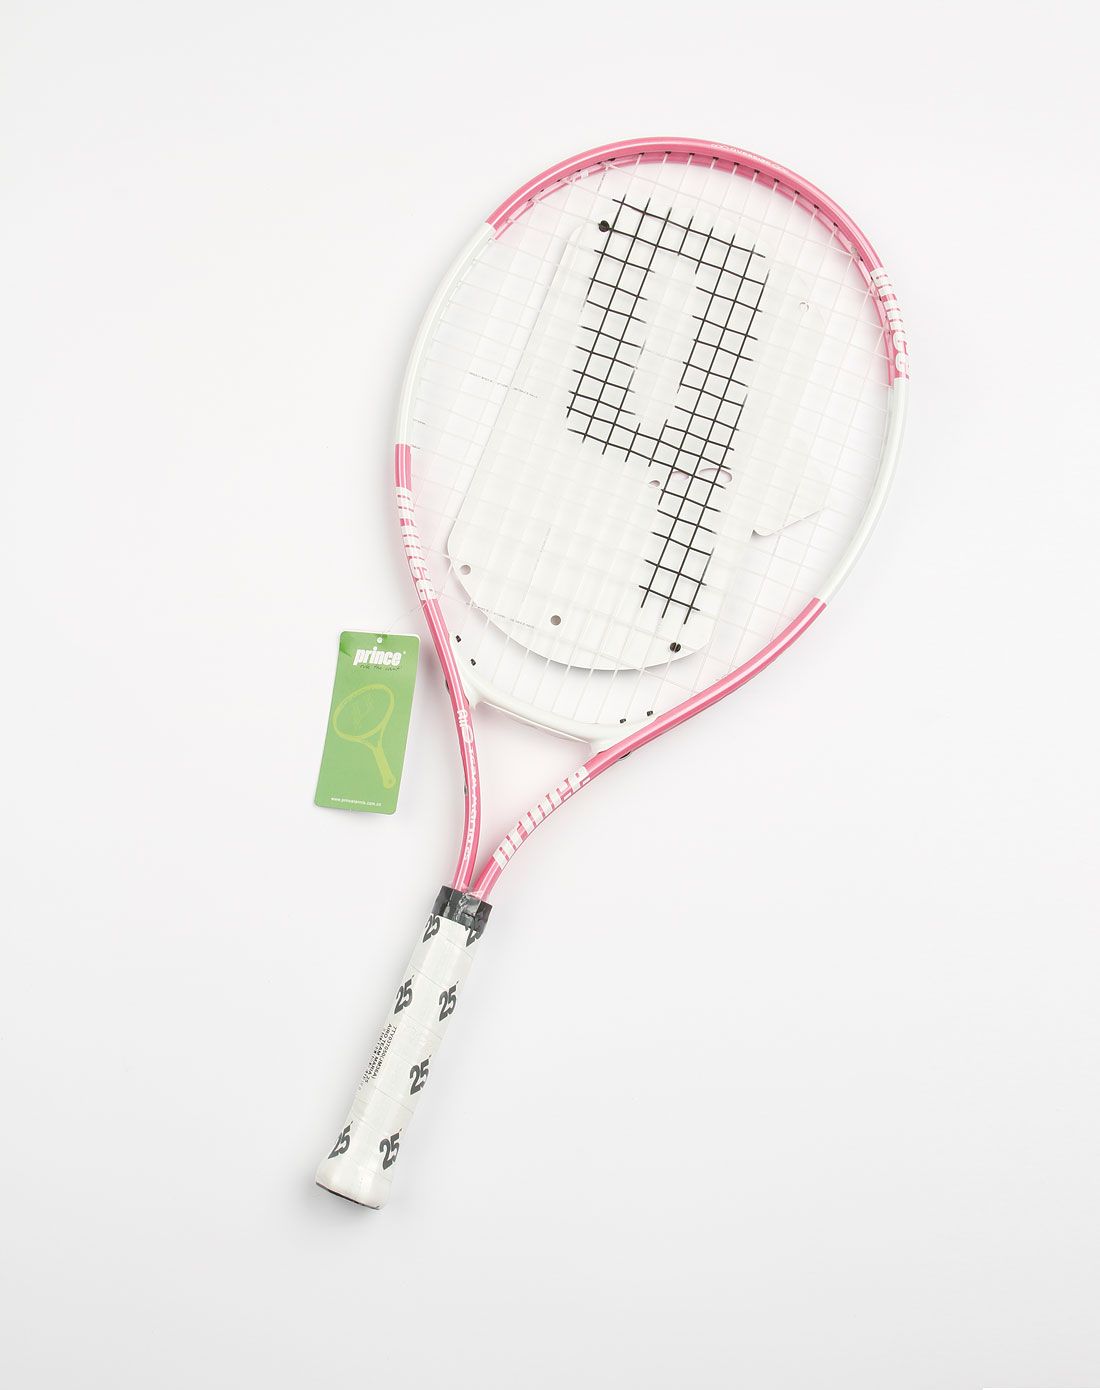 儿童粉色airoteammaria25王子网球拍apec热气球超级飞图片